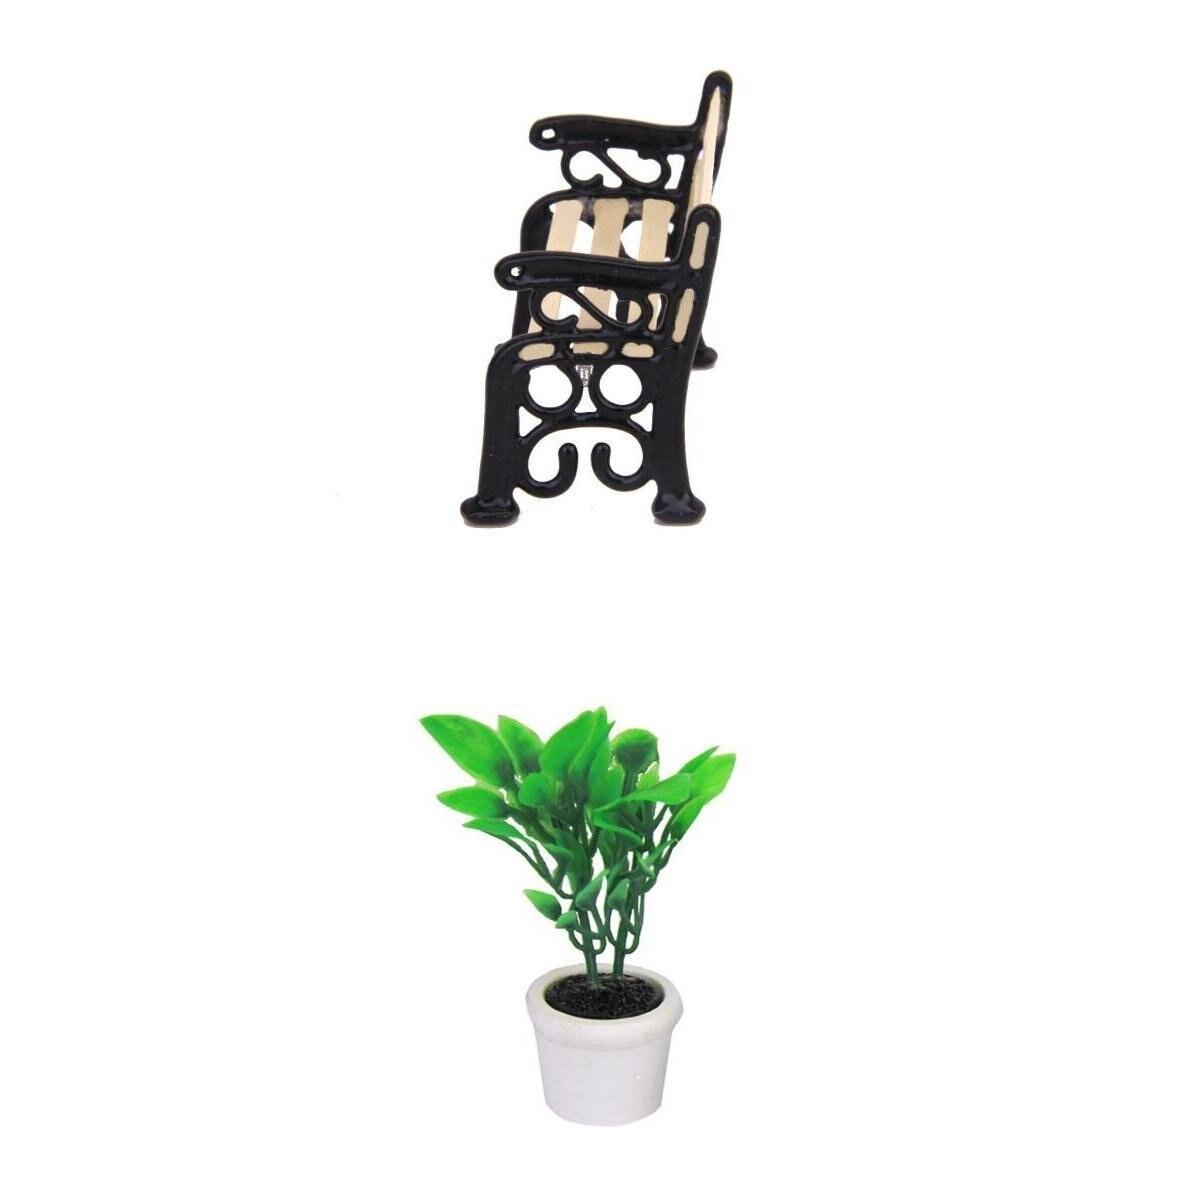 Abwe зеленые растения в горшок и деревянная садовая скамейка кукольный домик Миниатюрный Black Metal парк